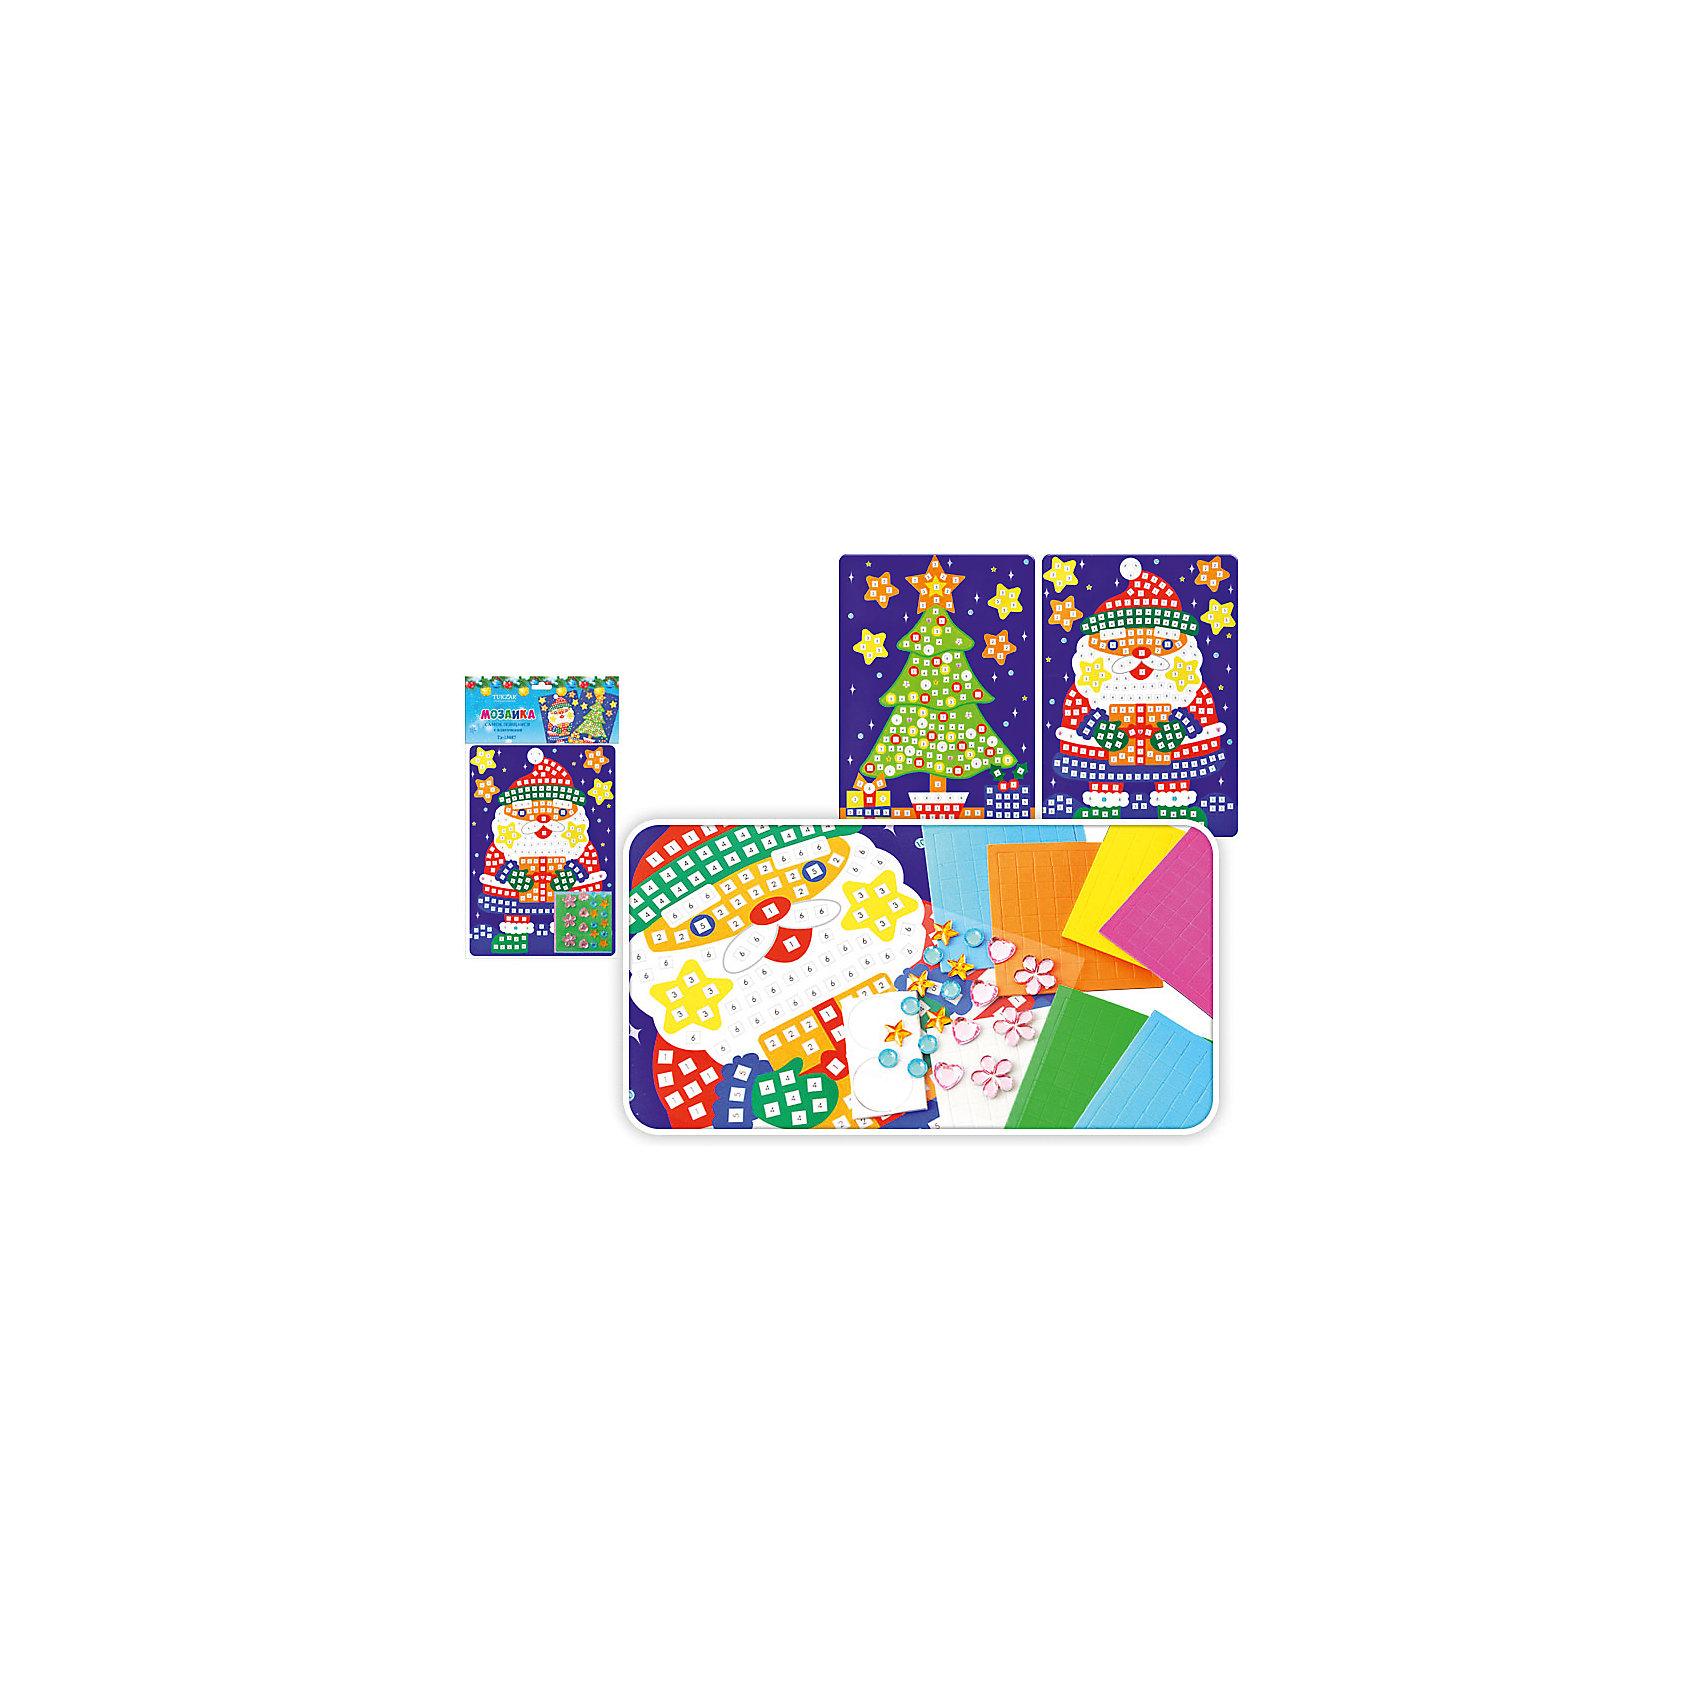 Самоклеящаяся мозайка 24*17 см, в ассортиментеСамоклеющаяся мозаика с новогодней тематикой обязательно понравится детям. Наклеивая разноцветные квадратики, малыш разовьет цветовосприятие, мелкую моторику и усидчивость. Яркая картинка станет прекрасным подарком, сделанным своими руками. <br><br>Дополнительная информация:<br><br>- Размер: 24х17 см.<br>- Материал: бумага, картон.<br>- 2 вида в ассортименте. <br>ВНИМАНИЕ! Данный артикул представлен в разных вариантах исполнения. К сожалению, заранее выбрать определенный вариант невозможно. При заказе нескольких наборов наклеек возможно получение одинаковых.<br><br>Самоклеющуюся мозаику 24х17 см, в ассортименте, можно купить в нашем магазине.<br><br>Ширина мм: 240<br>Глубина мм: 170<br>Высота мм: 20<br>Вес г: 100<br>Возраст от месяцев: 36<br>Возраст до месяцев: 2147483647<br>Пол: Унисекс<br>Возраст: Детский<br>SKU: 4293032